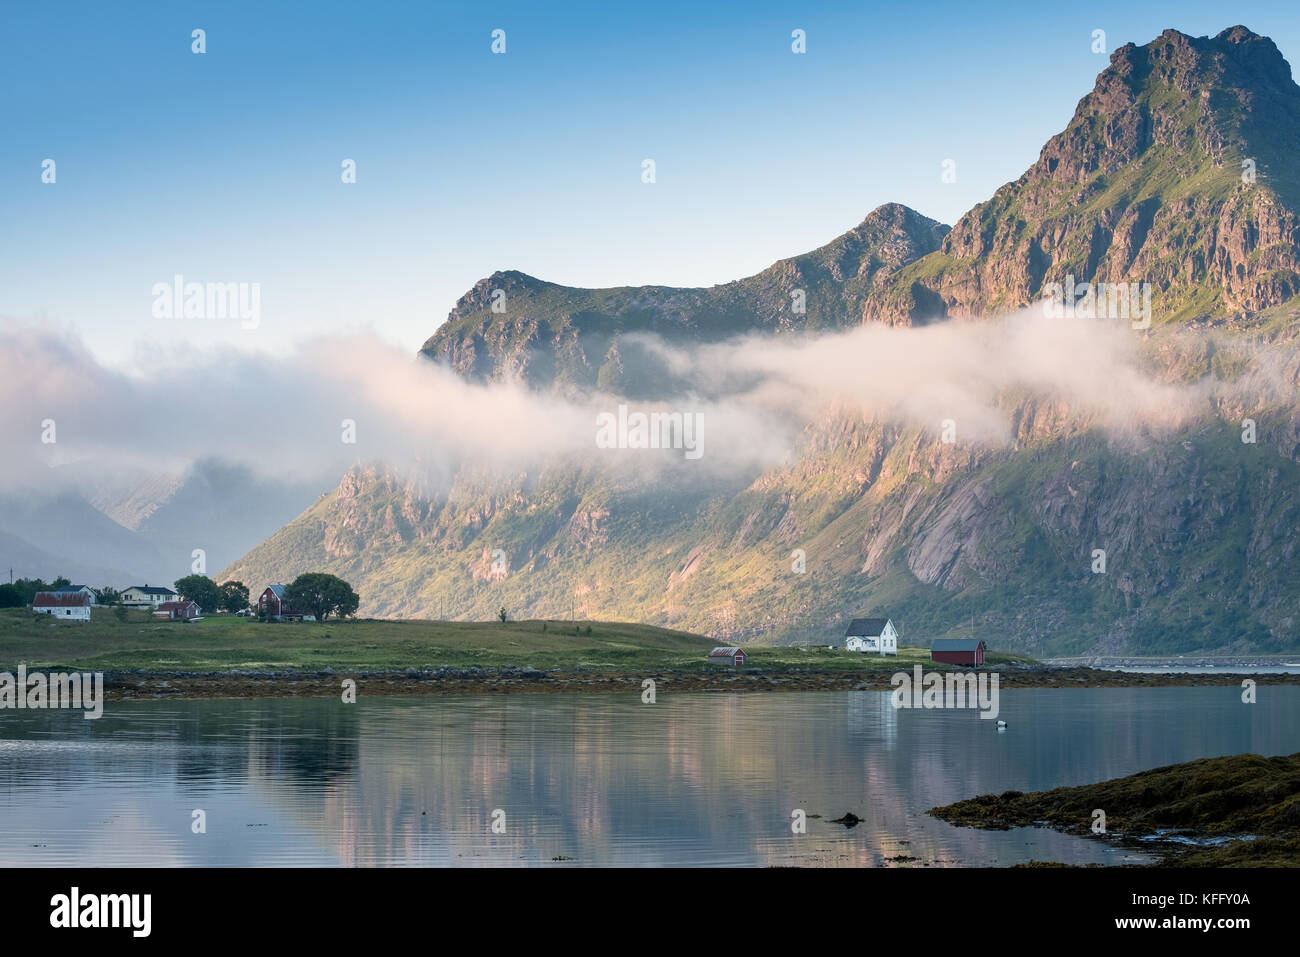 Malerische Aussicht mit idyllischen Haus und Berge im Sommer abends auf den Lofoten, Norwegen Stockbild